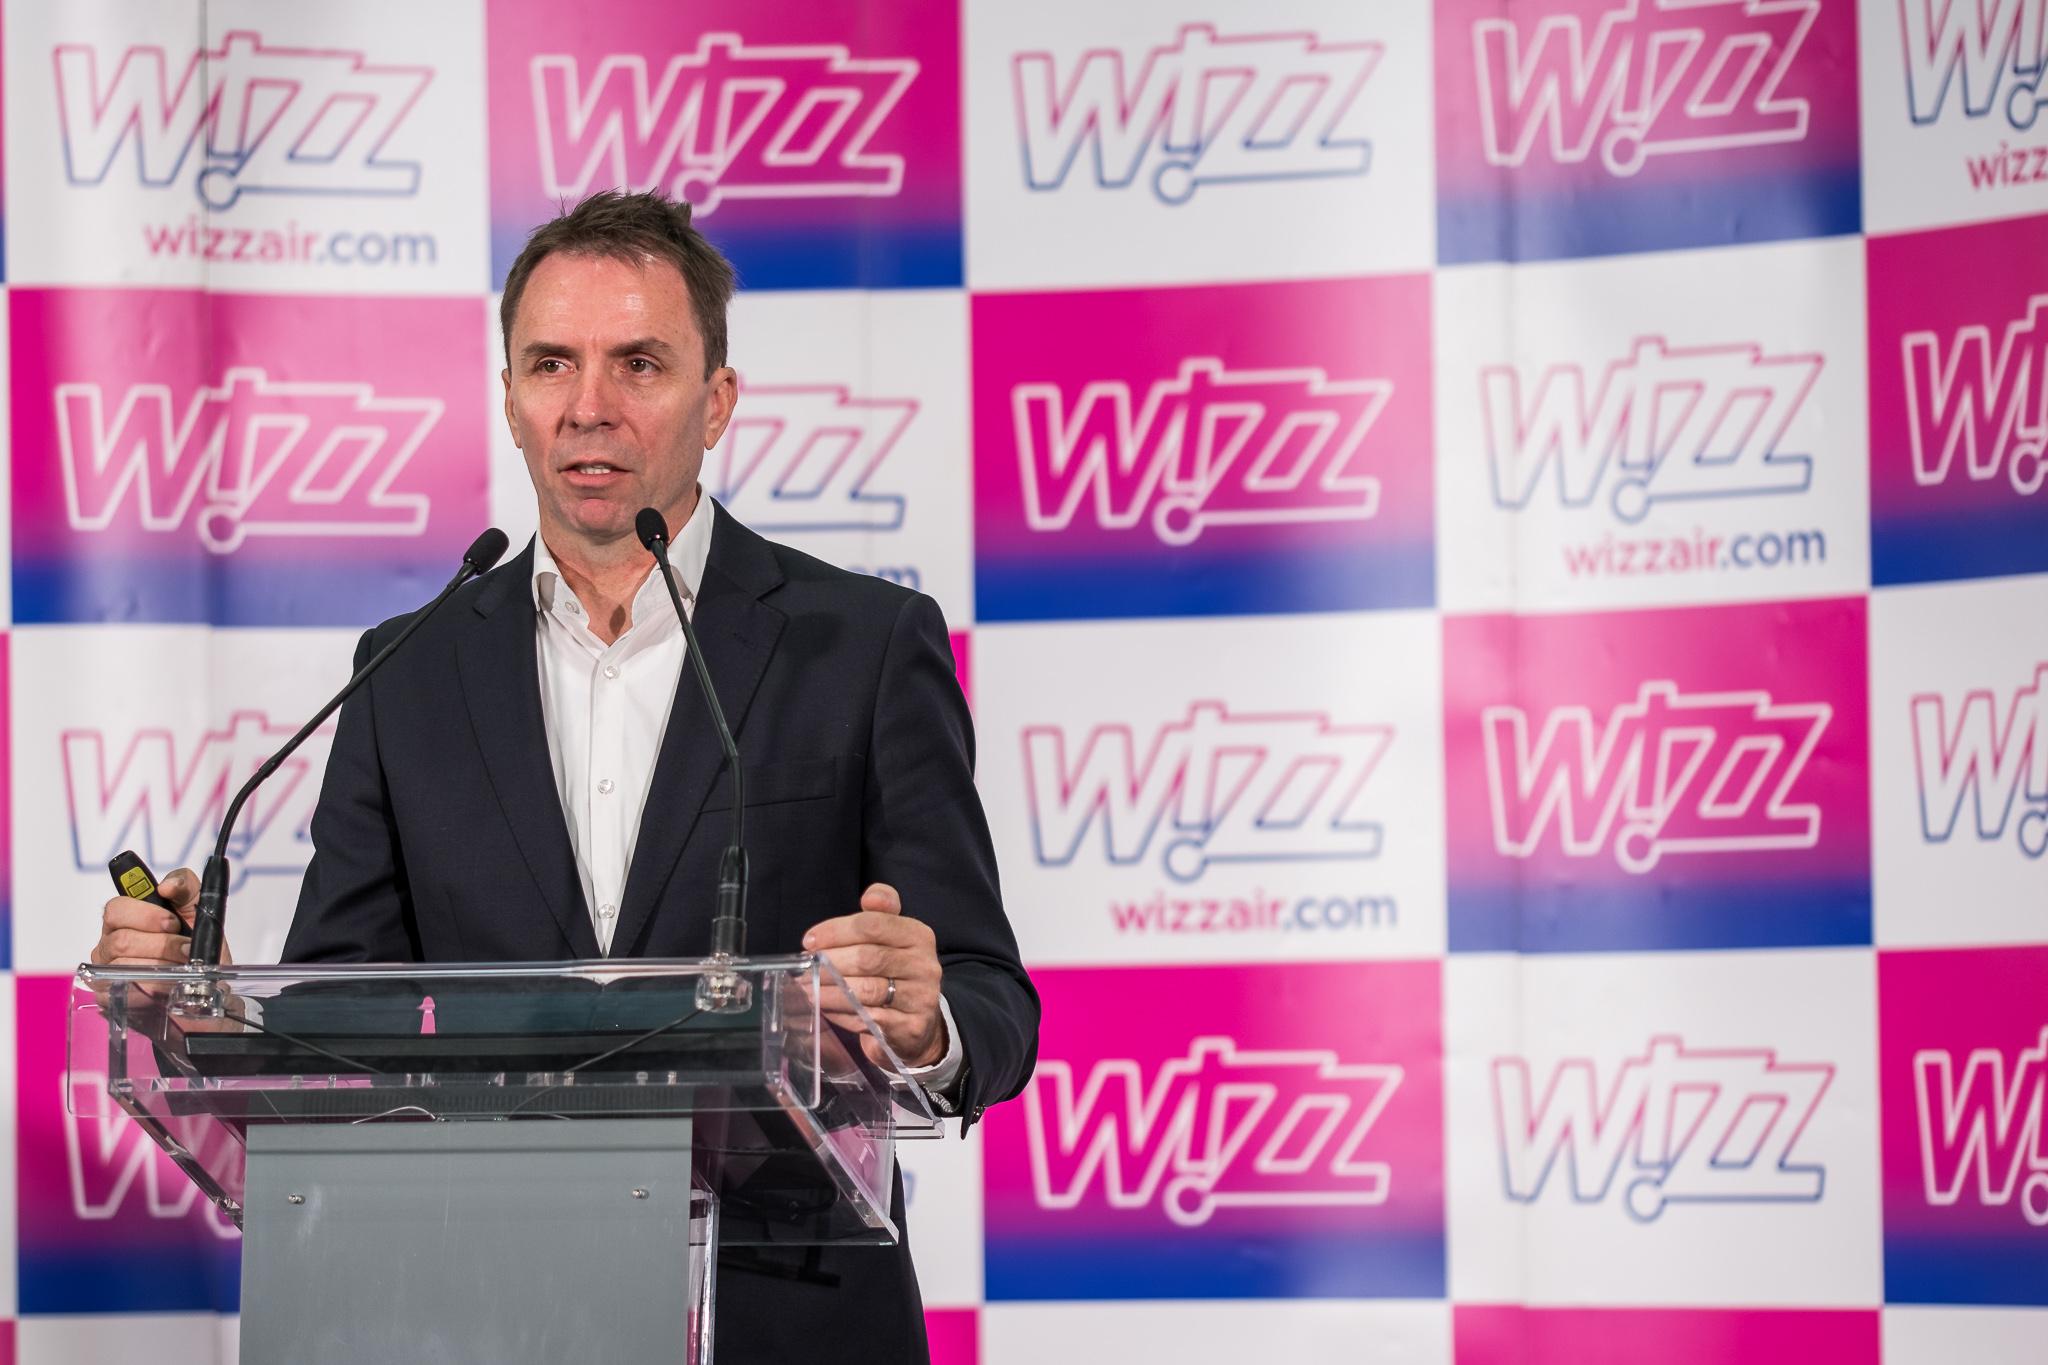 Wizz Air jest gotowy, by stać się linią lotniczą z flotą składającą się z trzystu samolotów i dziesięcioma tysiącami członków załogi, obsługującą sto milionów pasażerowie rocznie - powiedział József Váradi, prezes Wizz Air. Fot. mat. pras.